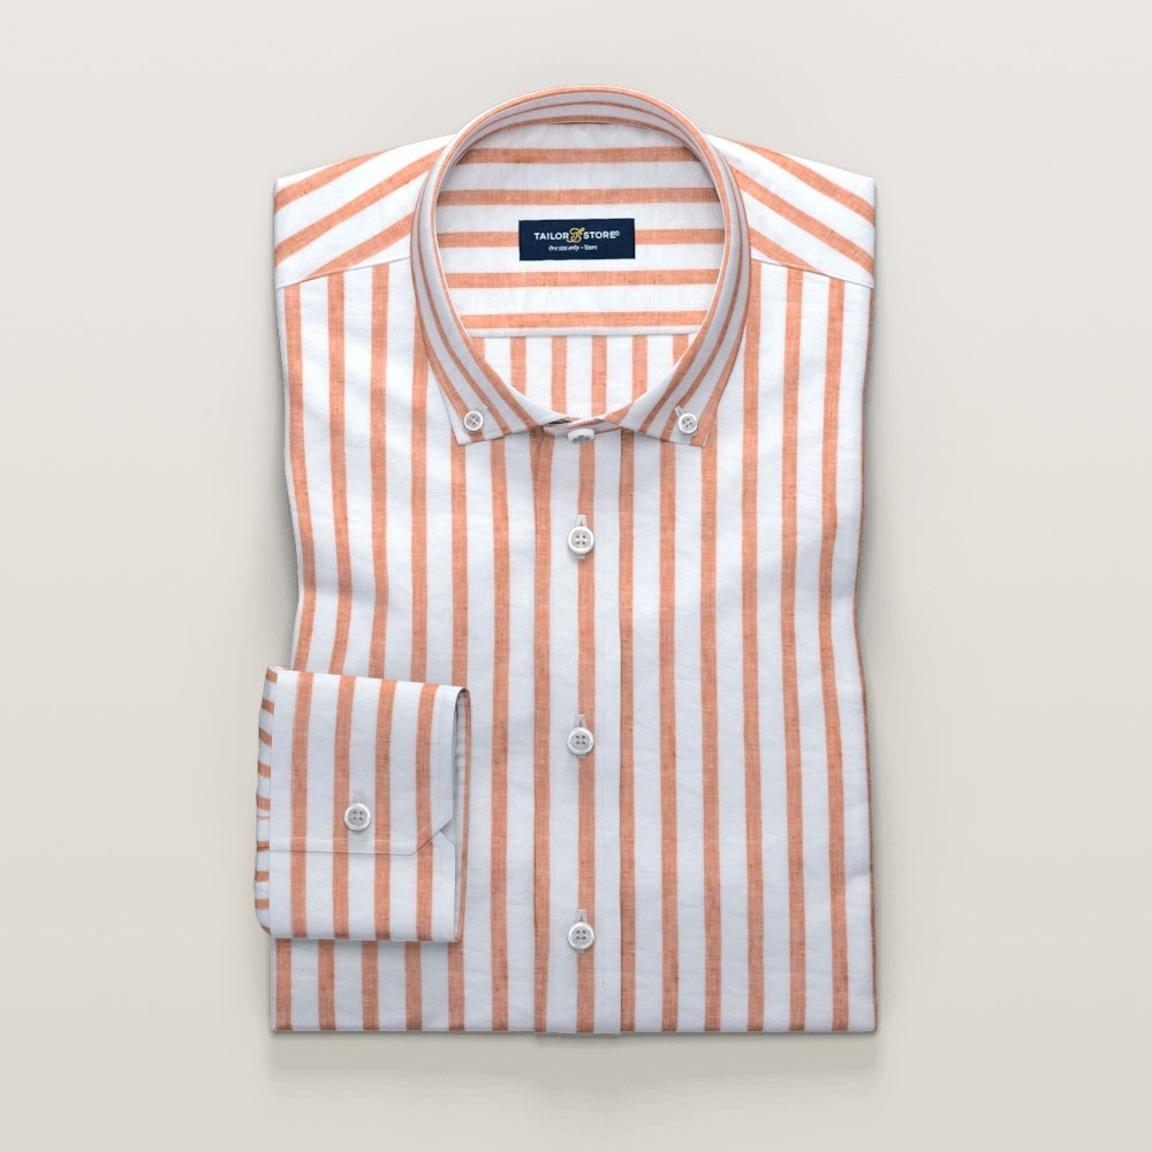 Damskjorta i vit och orangerandig linne